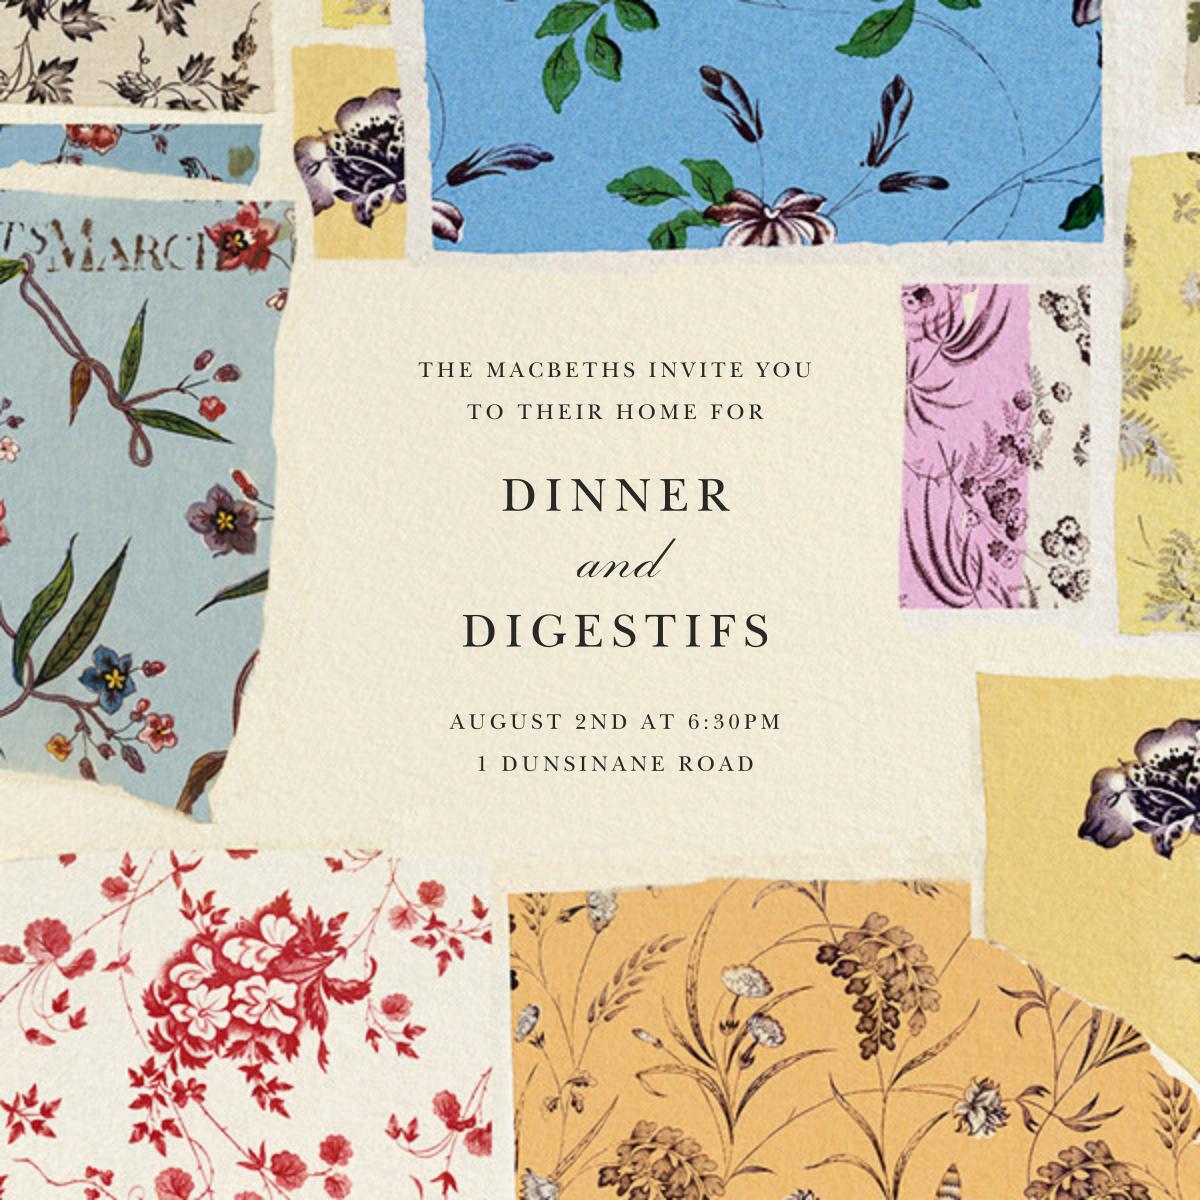 Floral Study - Oscar de la Renta - Dinner party